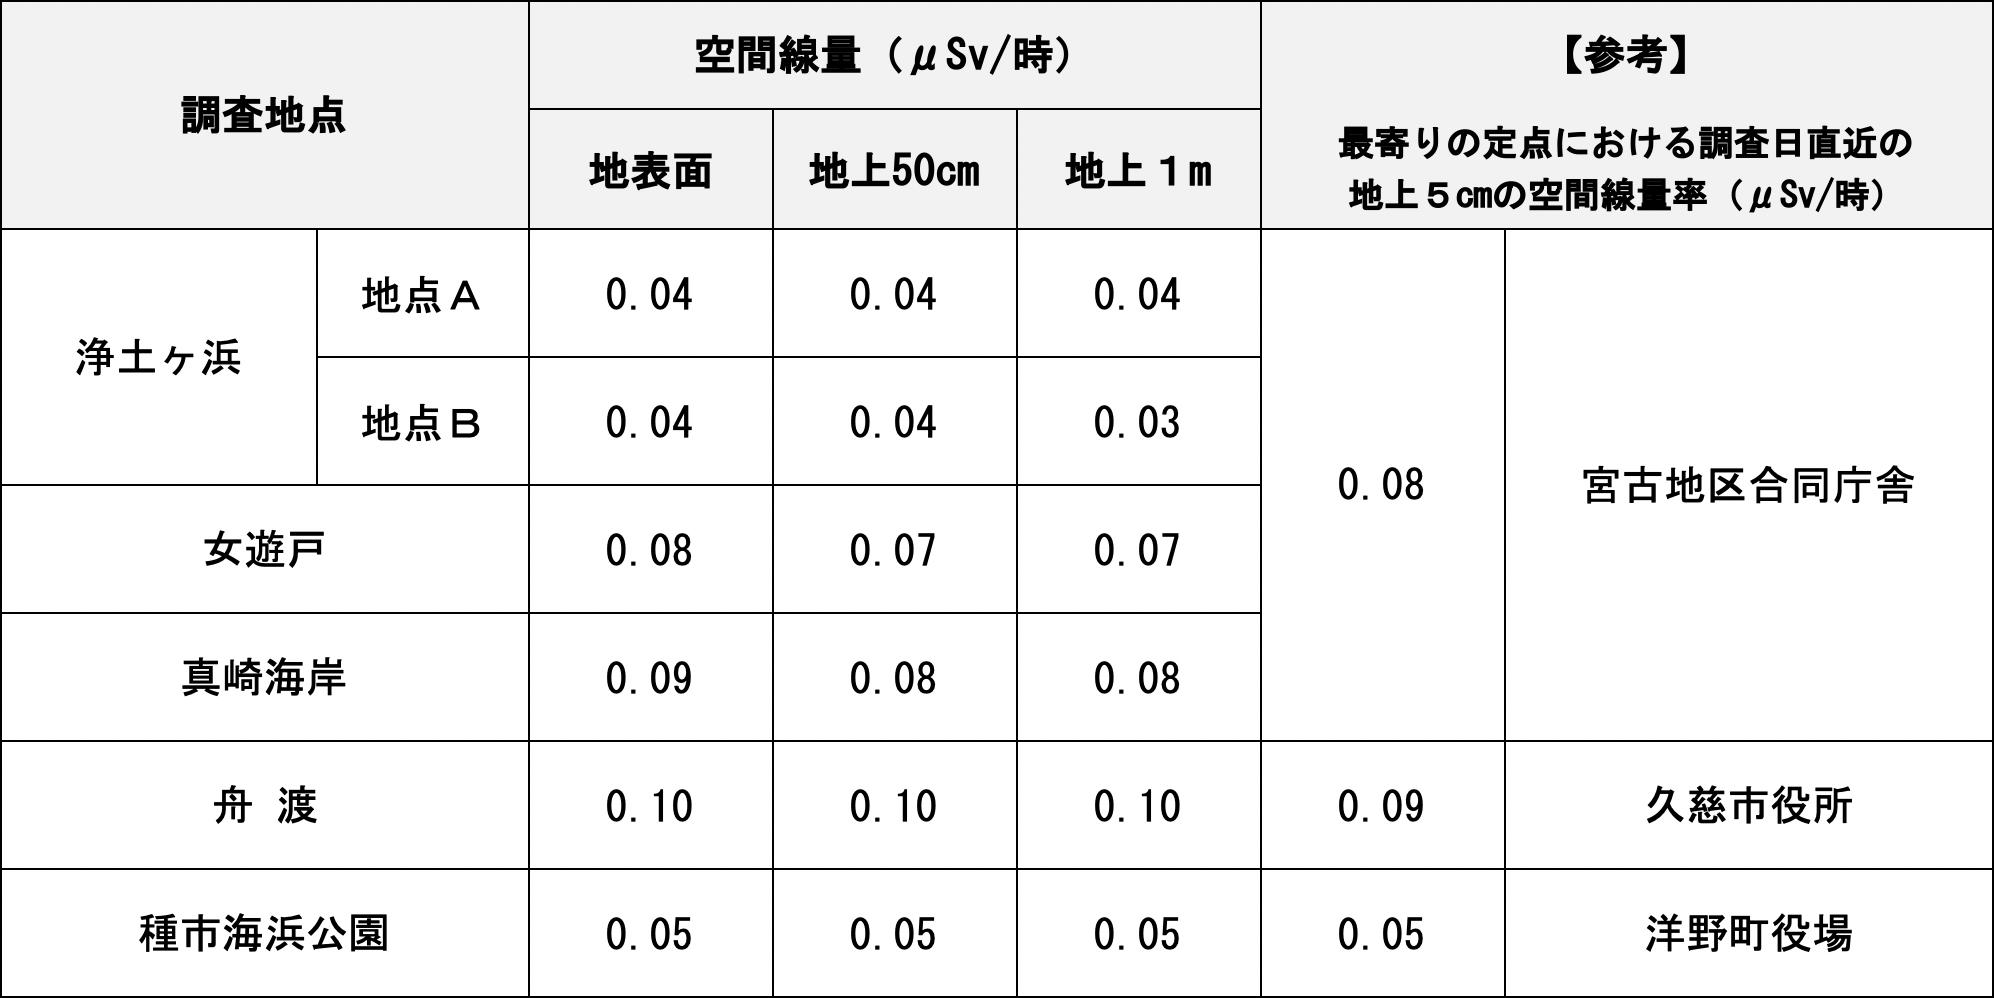 調査結果-放射性物質濃度